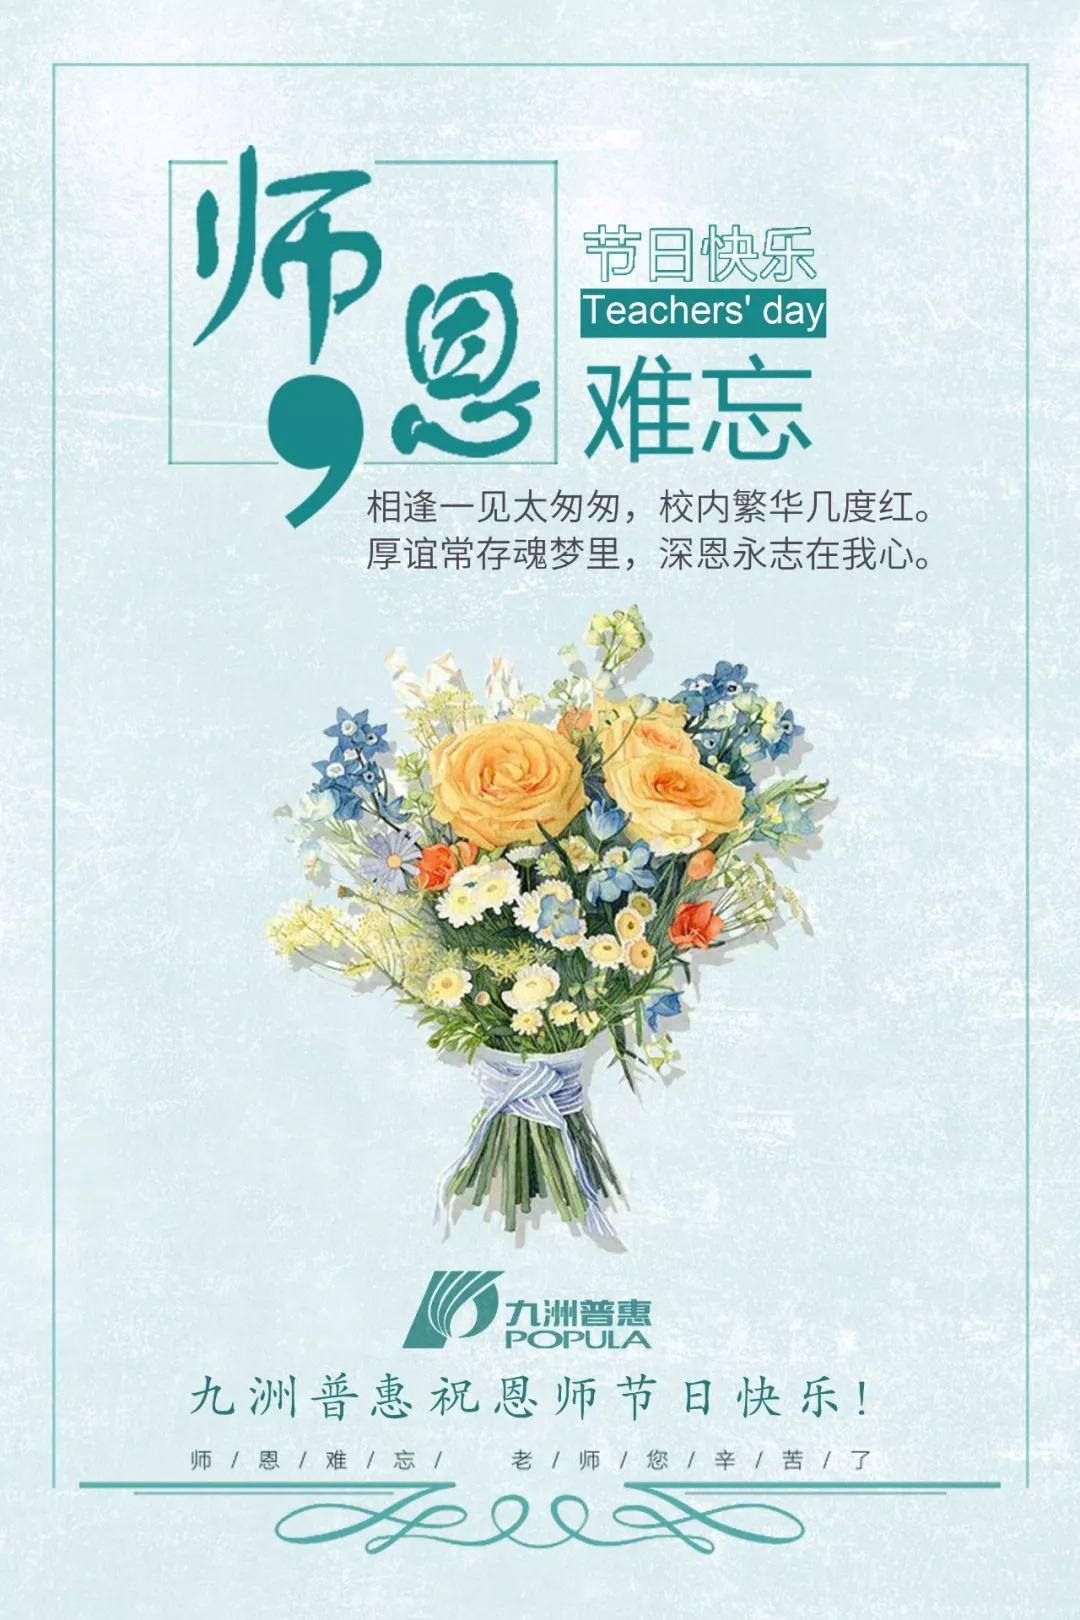 九洲普惠祝教师节快乐!